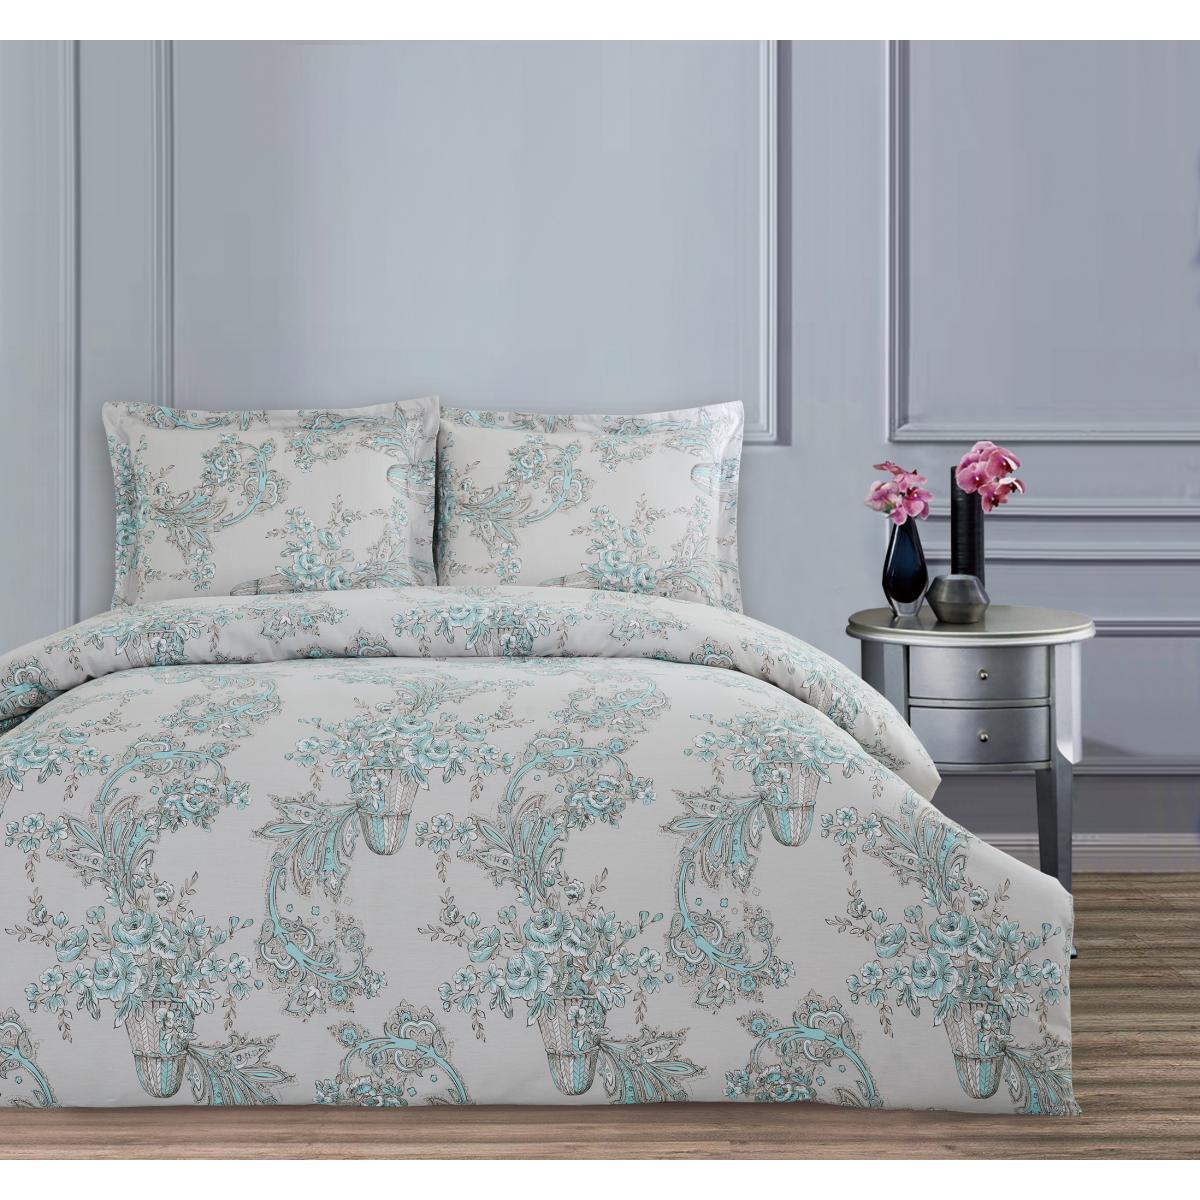 Комплект постельного белья Arya семейный Simple Living Meyra 160х220 см. (A107007)